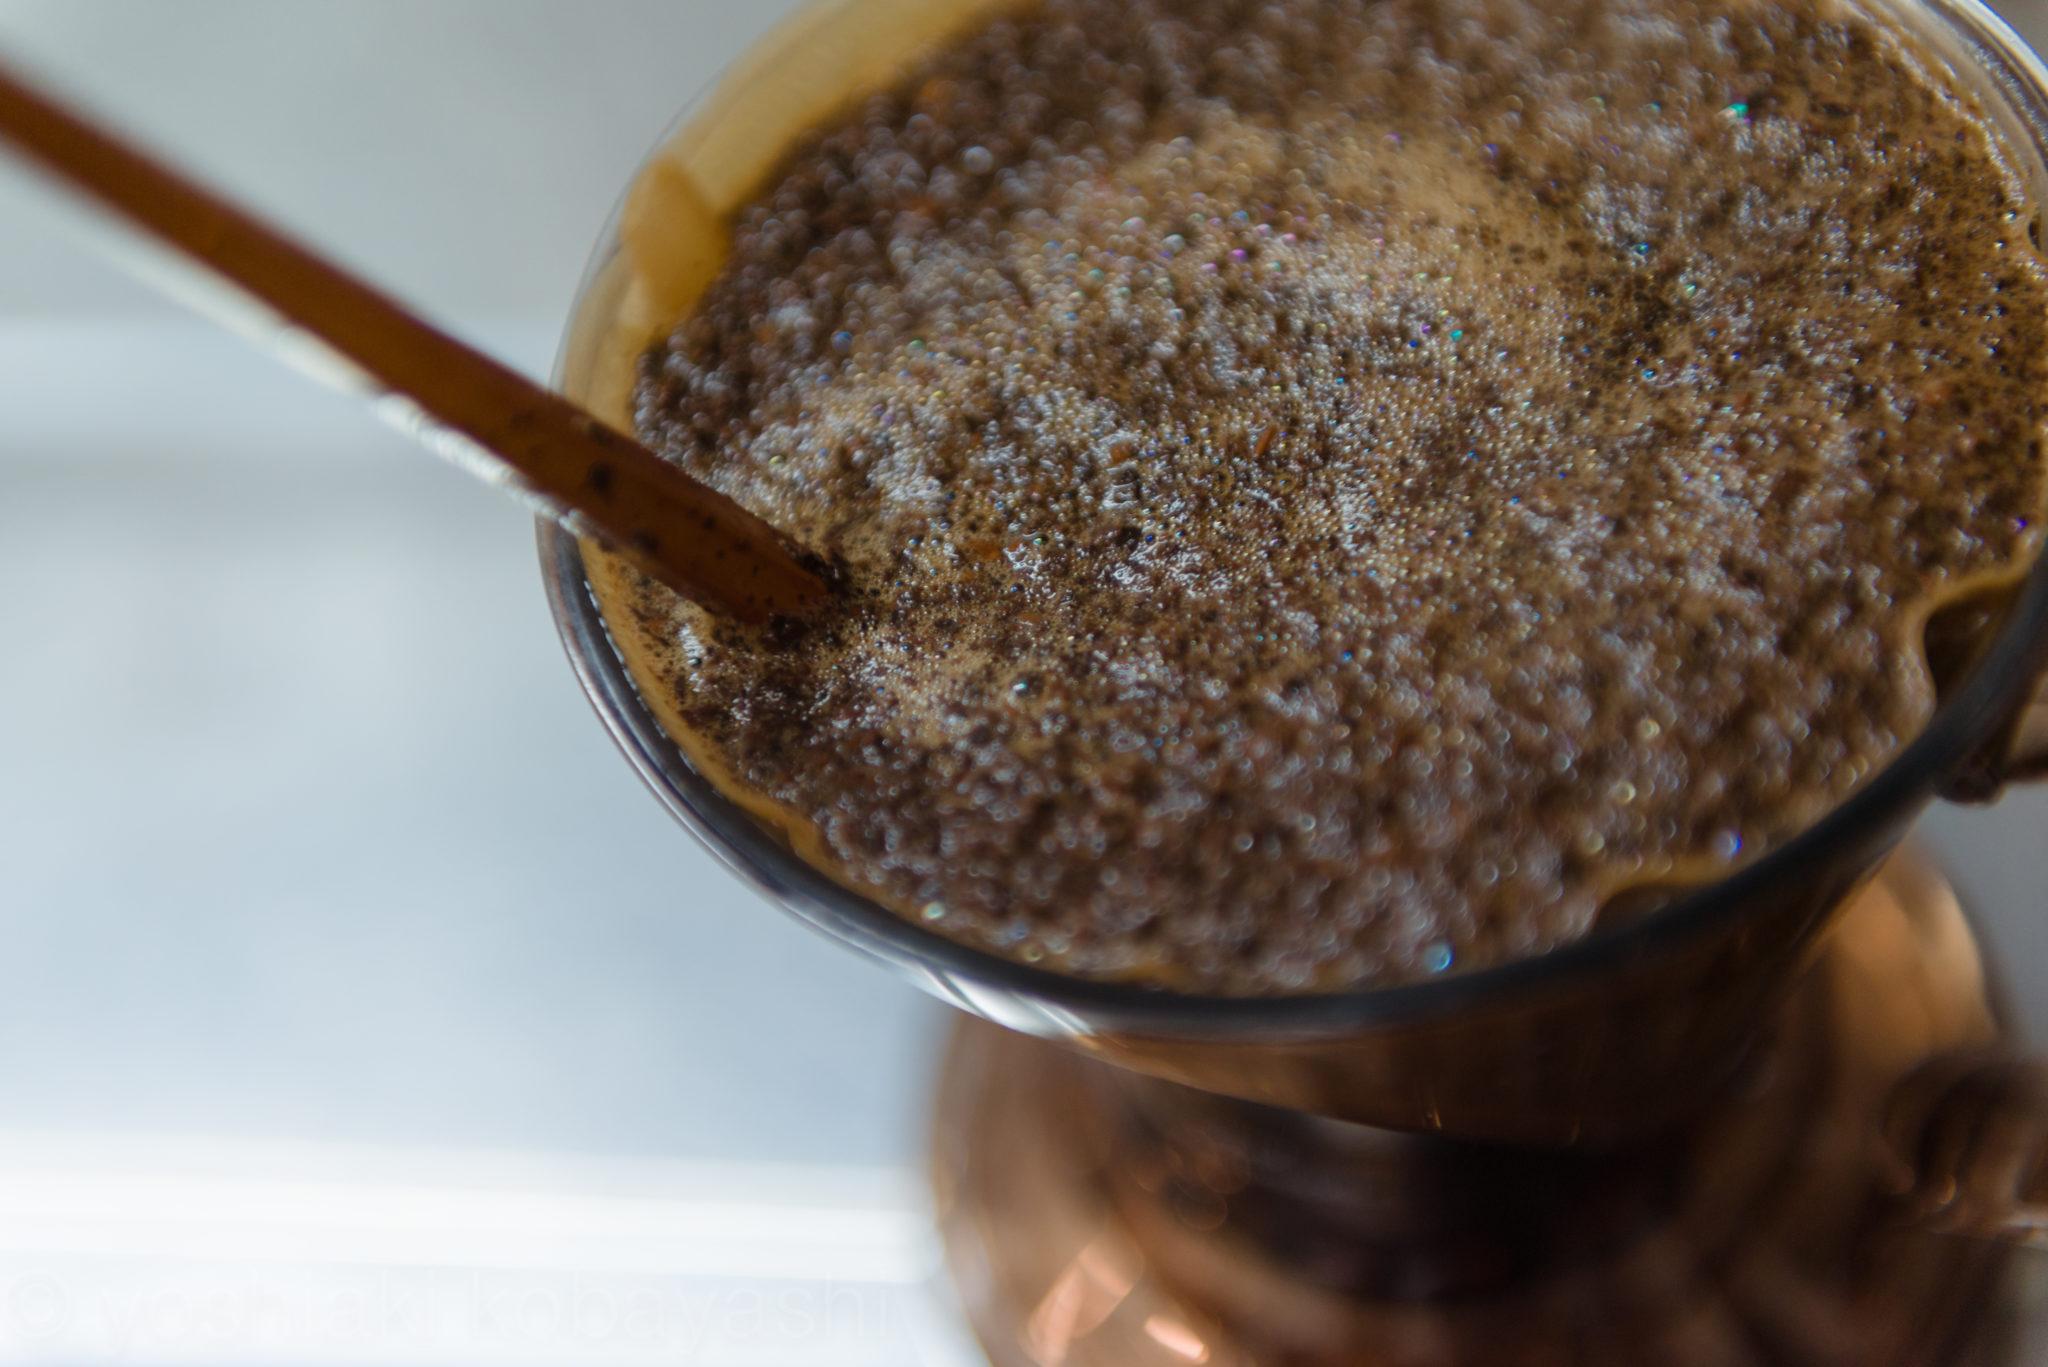 コーヒーを優しく撹拌します